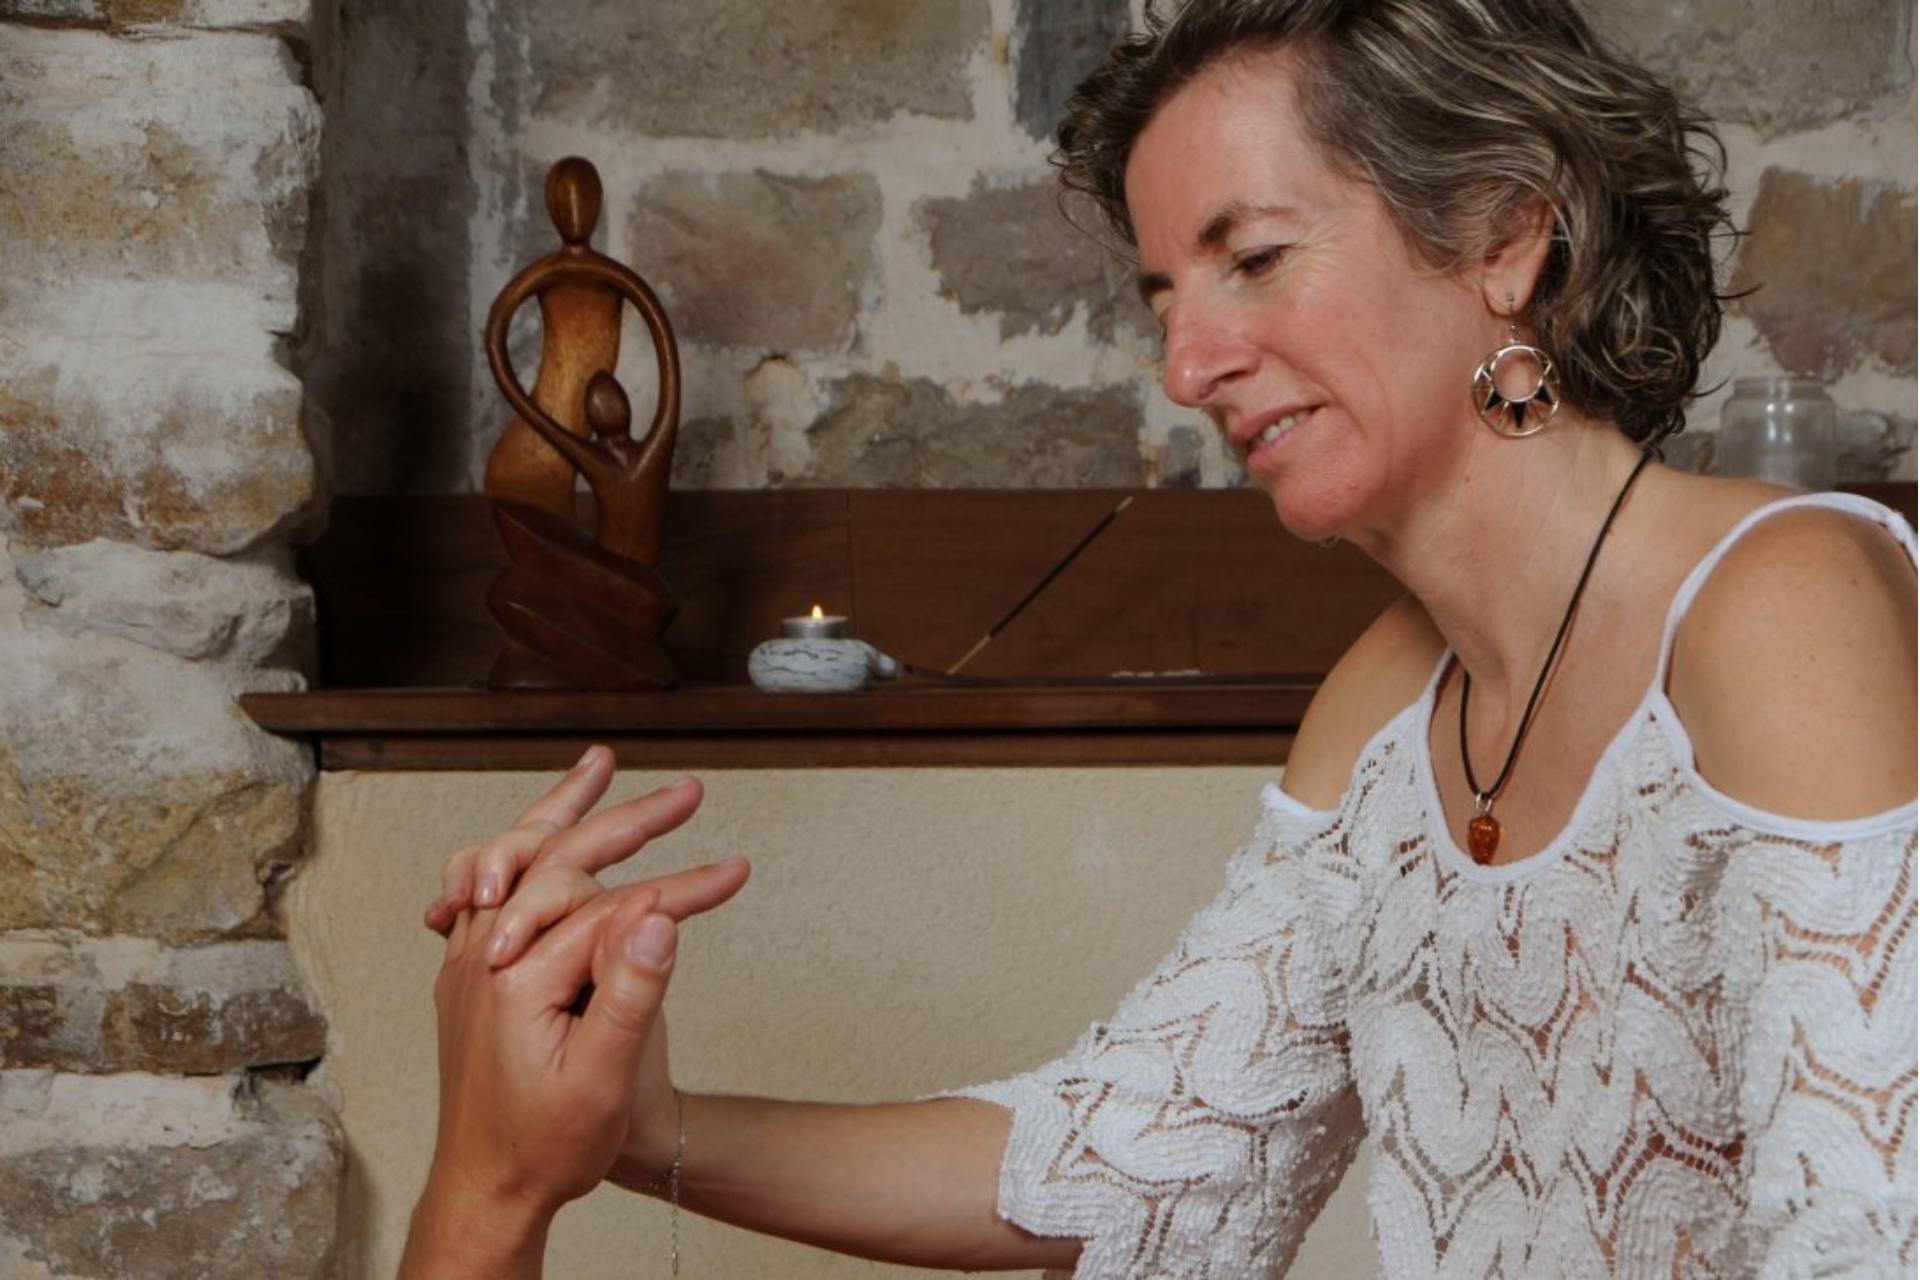 Témoignage sur le massage tantrique